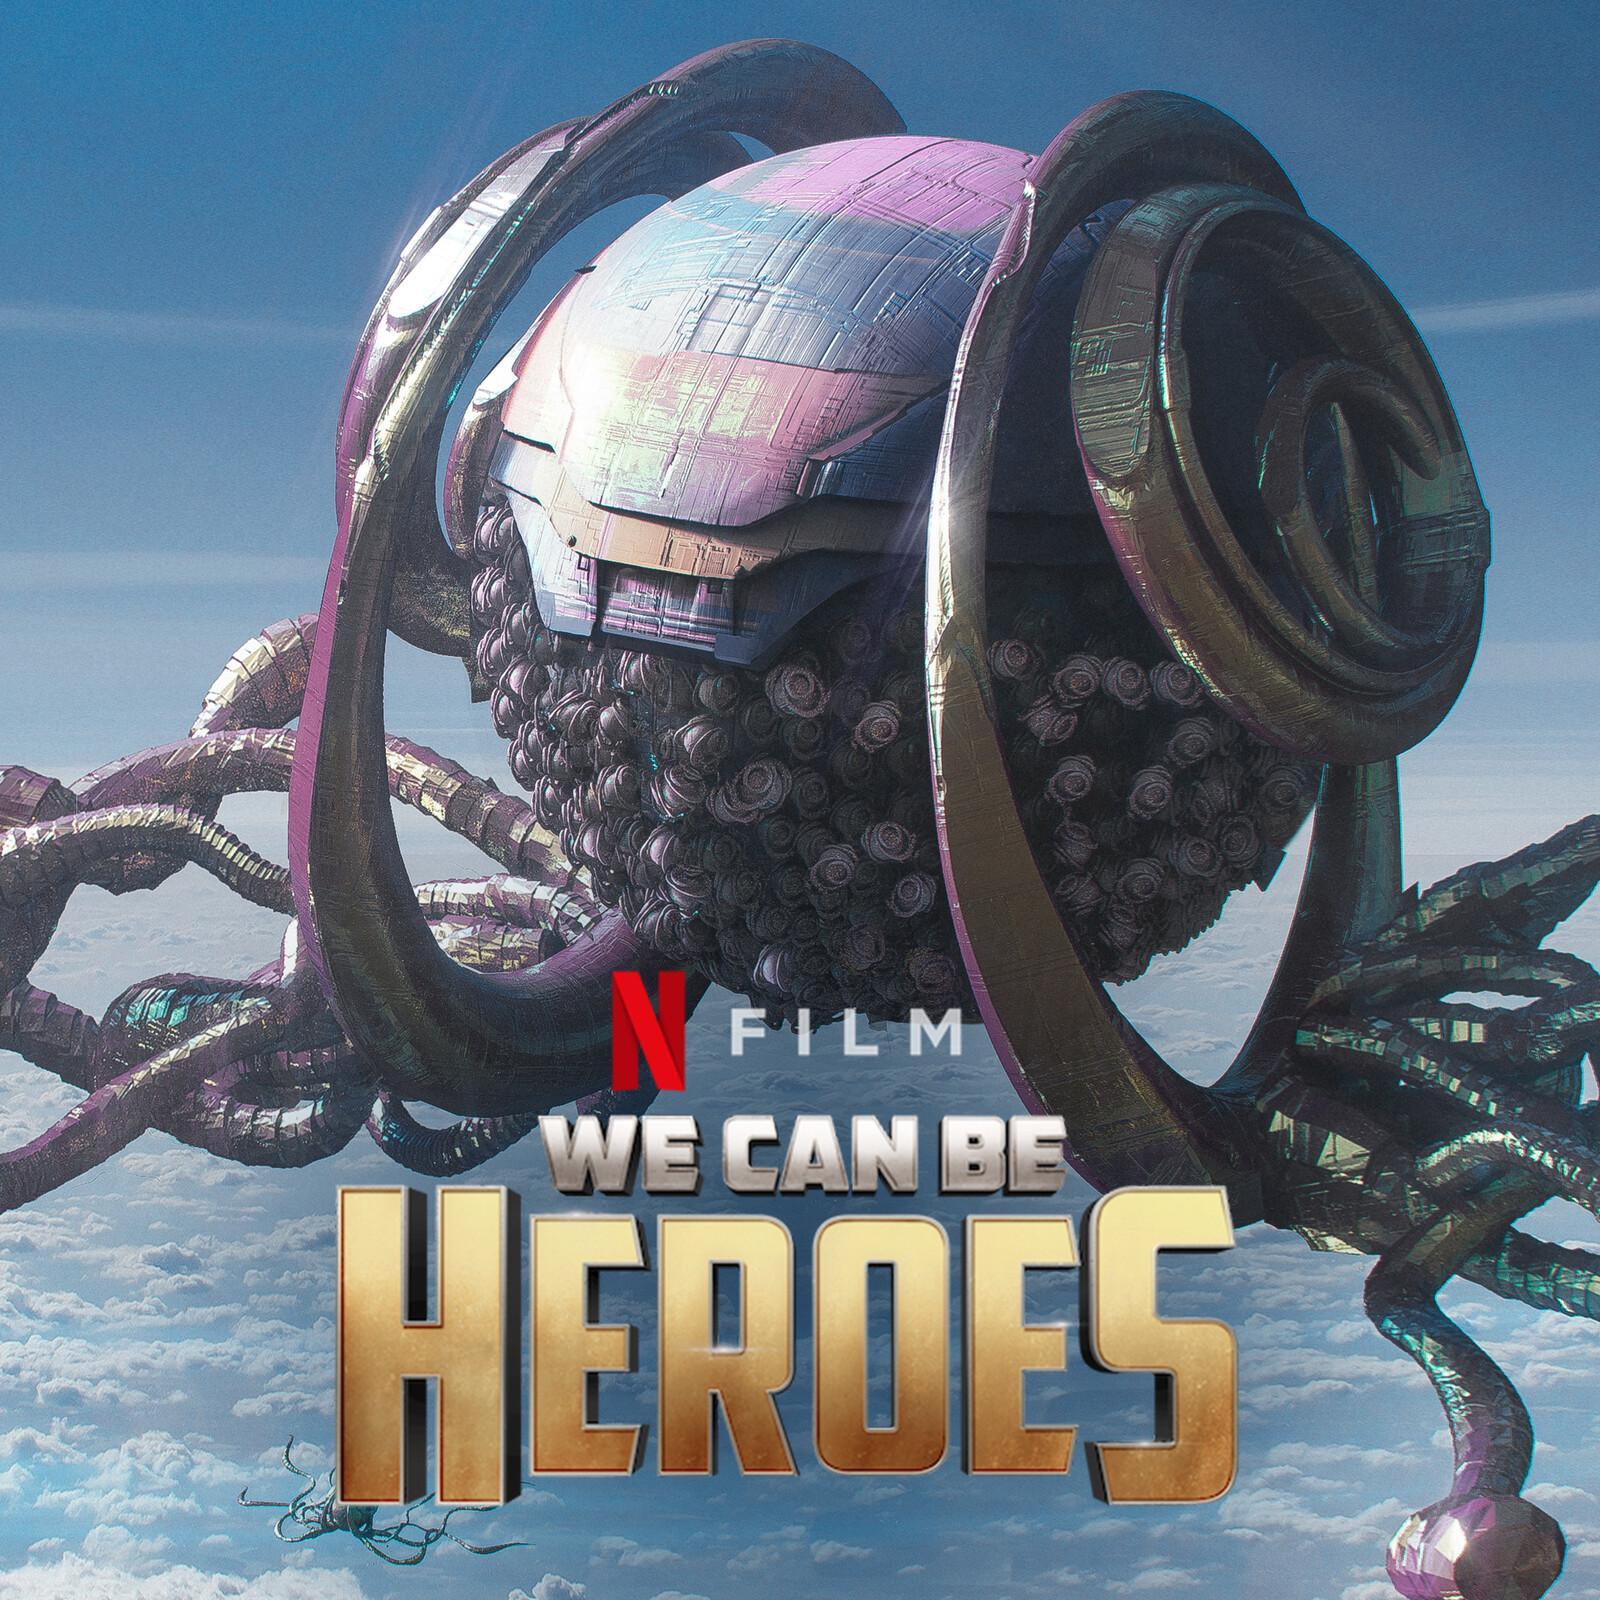 We Can Be Heroes/ Alien Vehicle